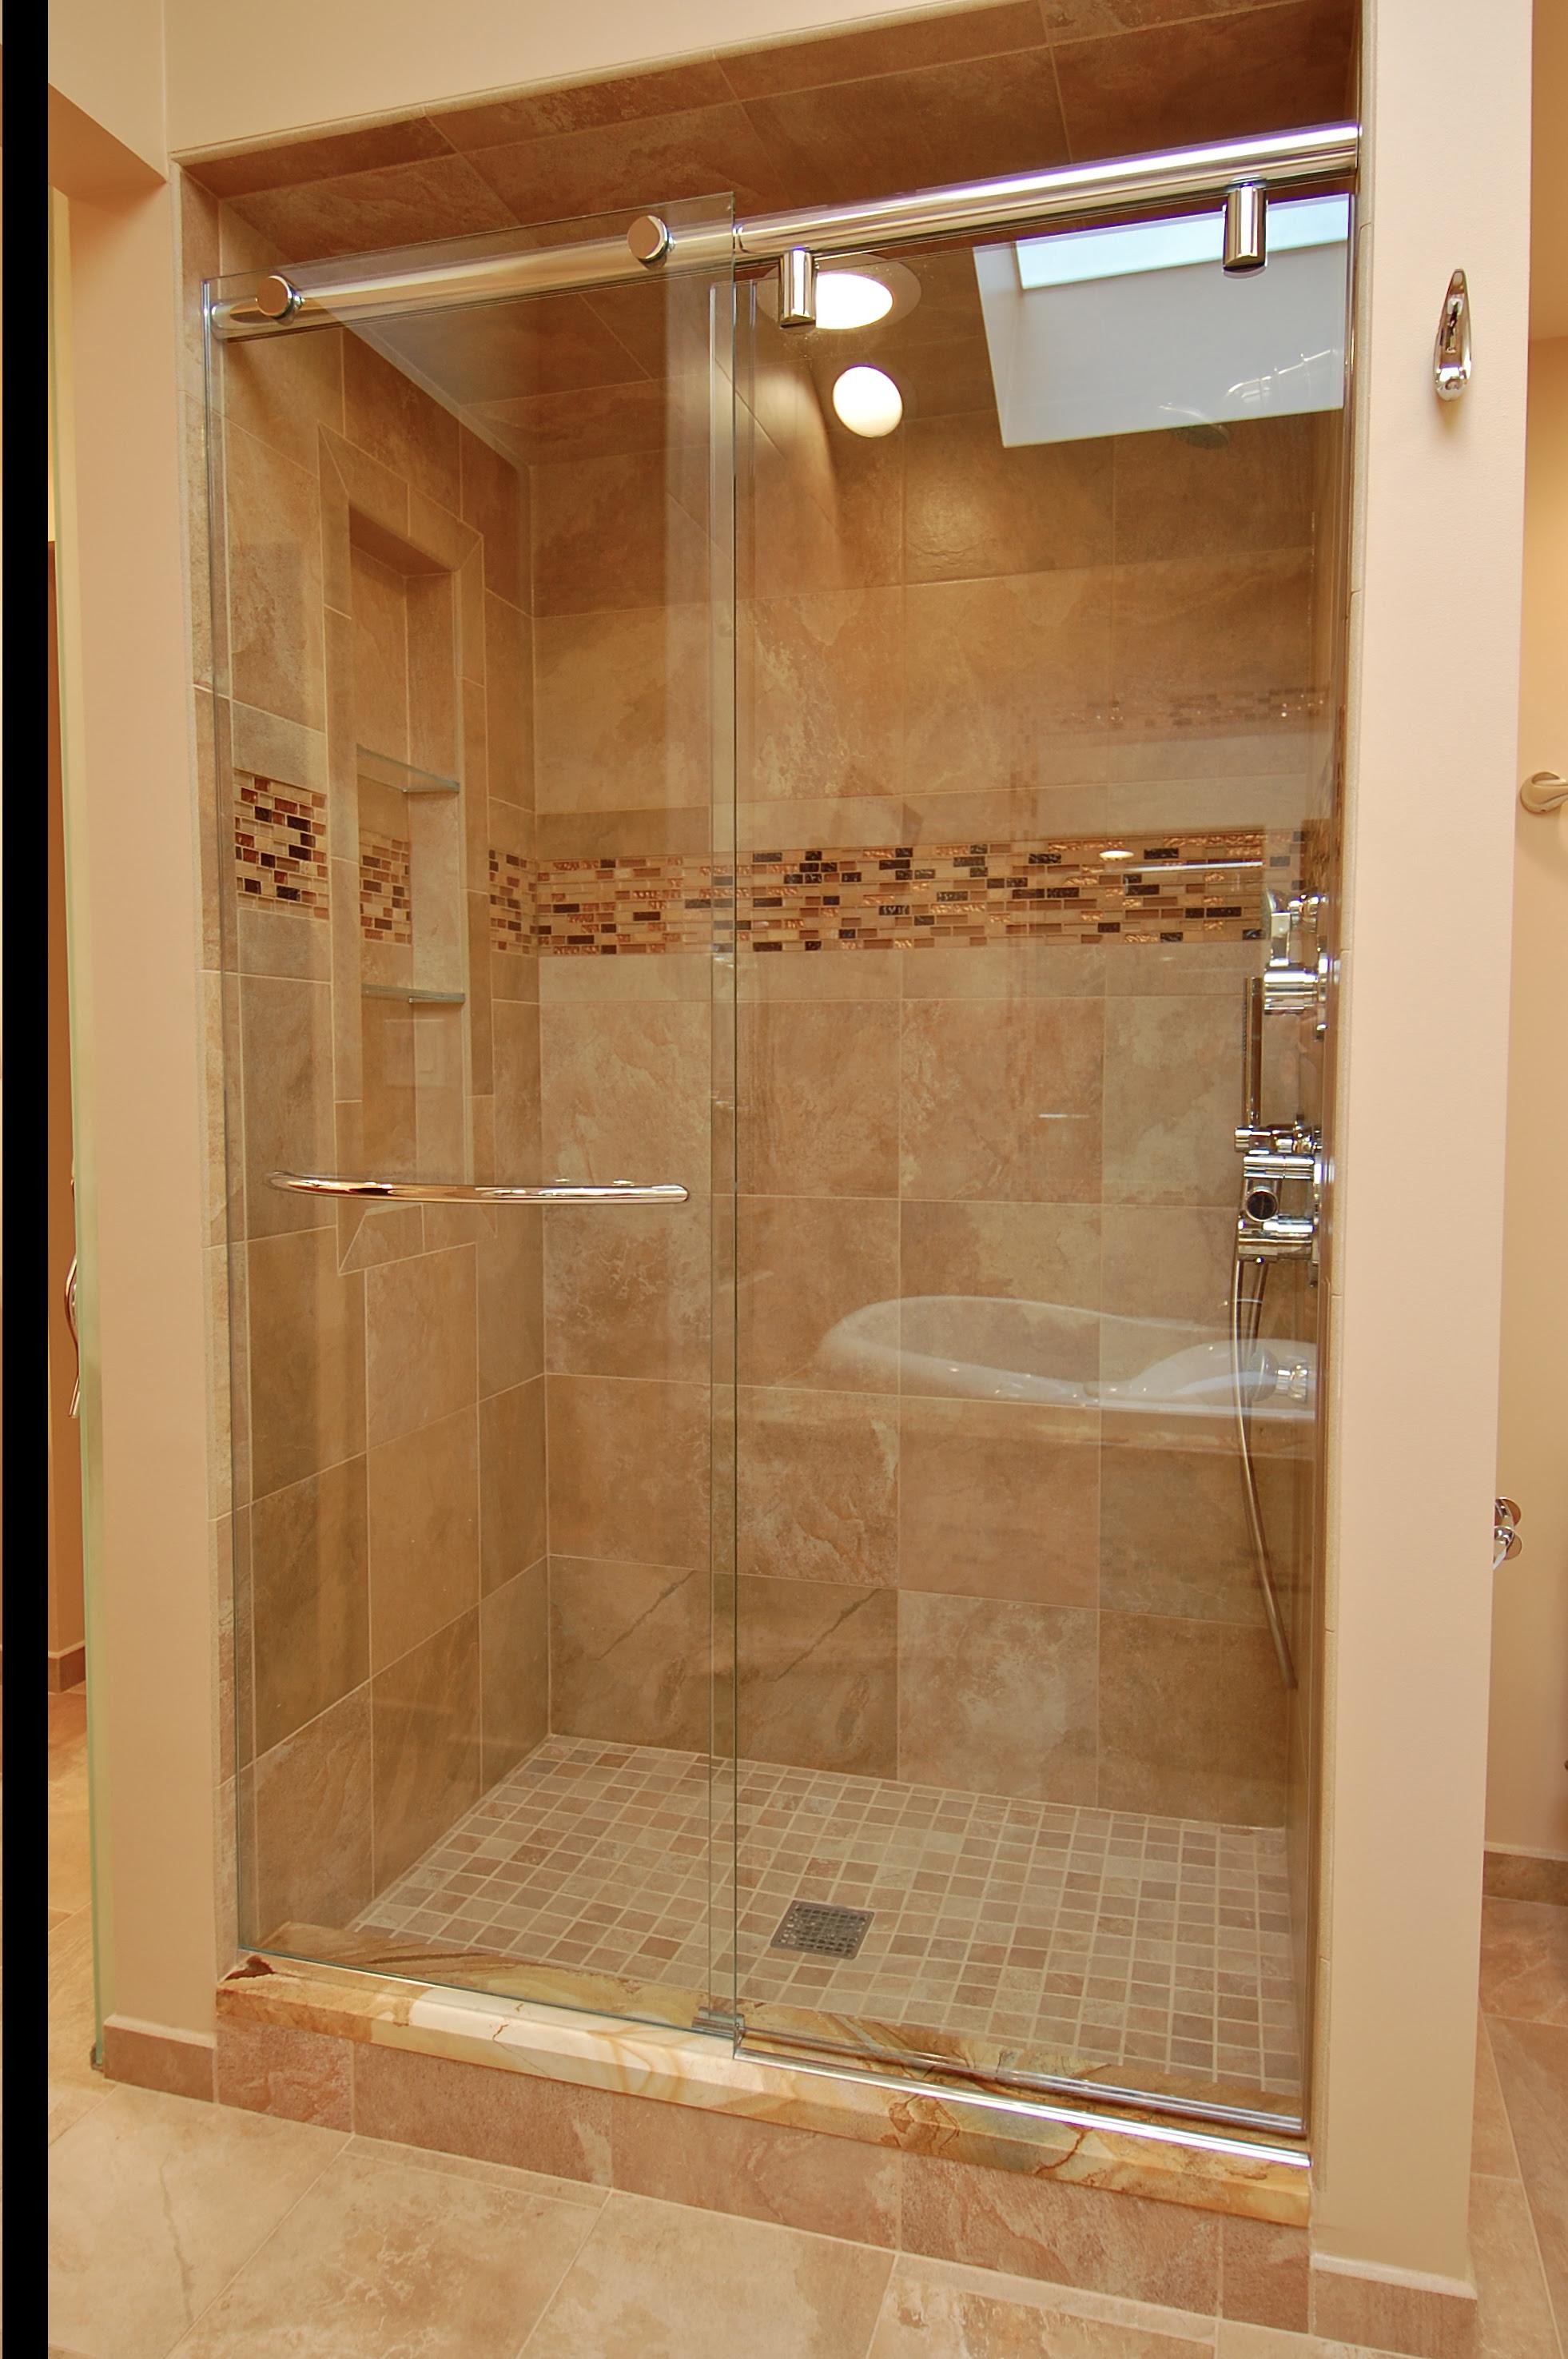 Frameless Shower Doors - Shower Doors Chicago | Mirrors ...